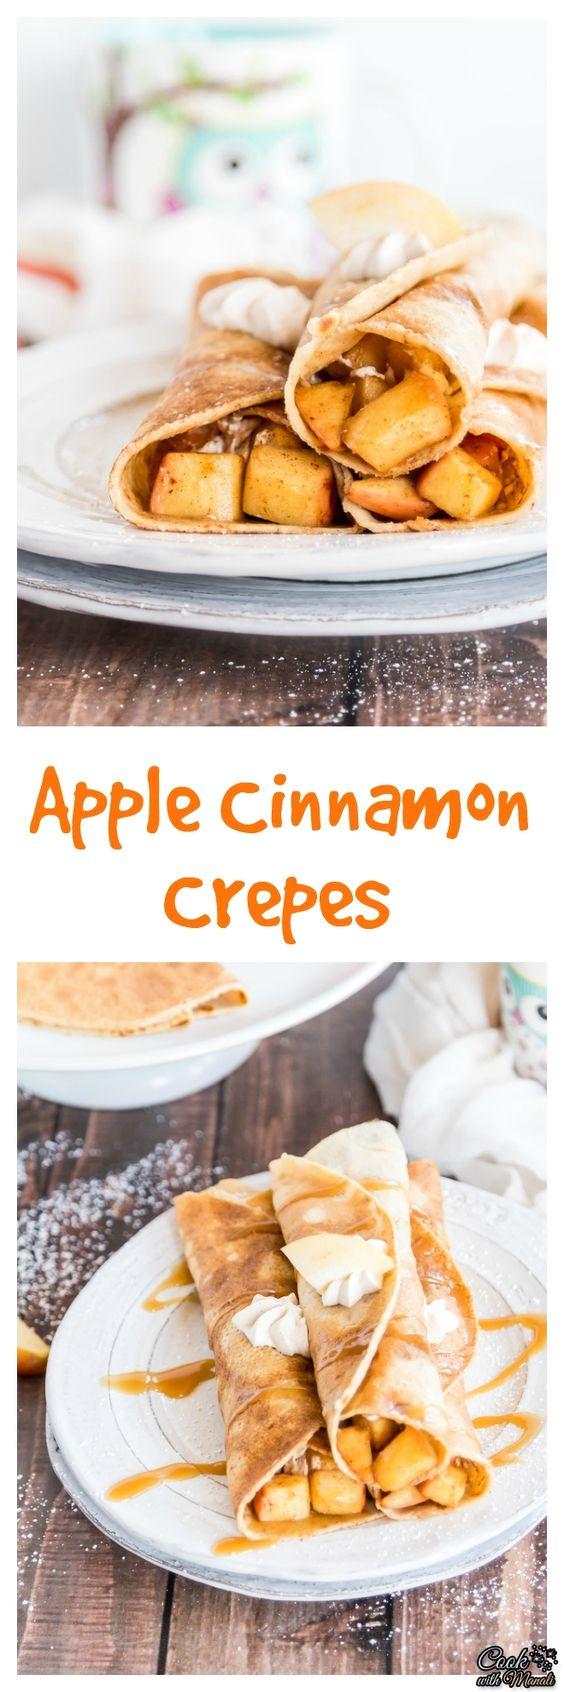 Apple Cinnamon Crepes | Recipe | Apple Cinnamon, Crepes and Cinnamon